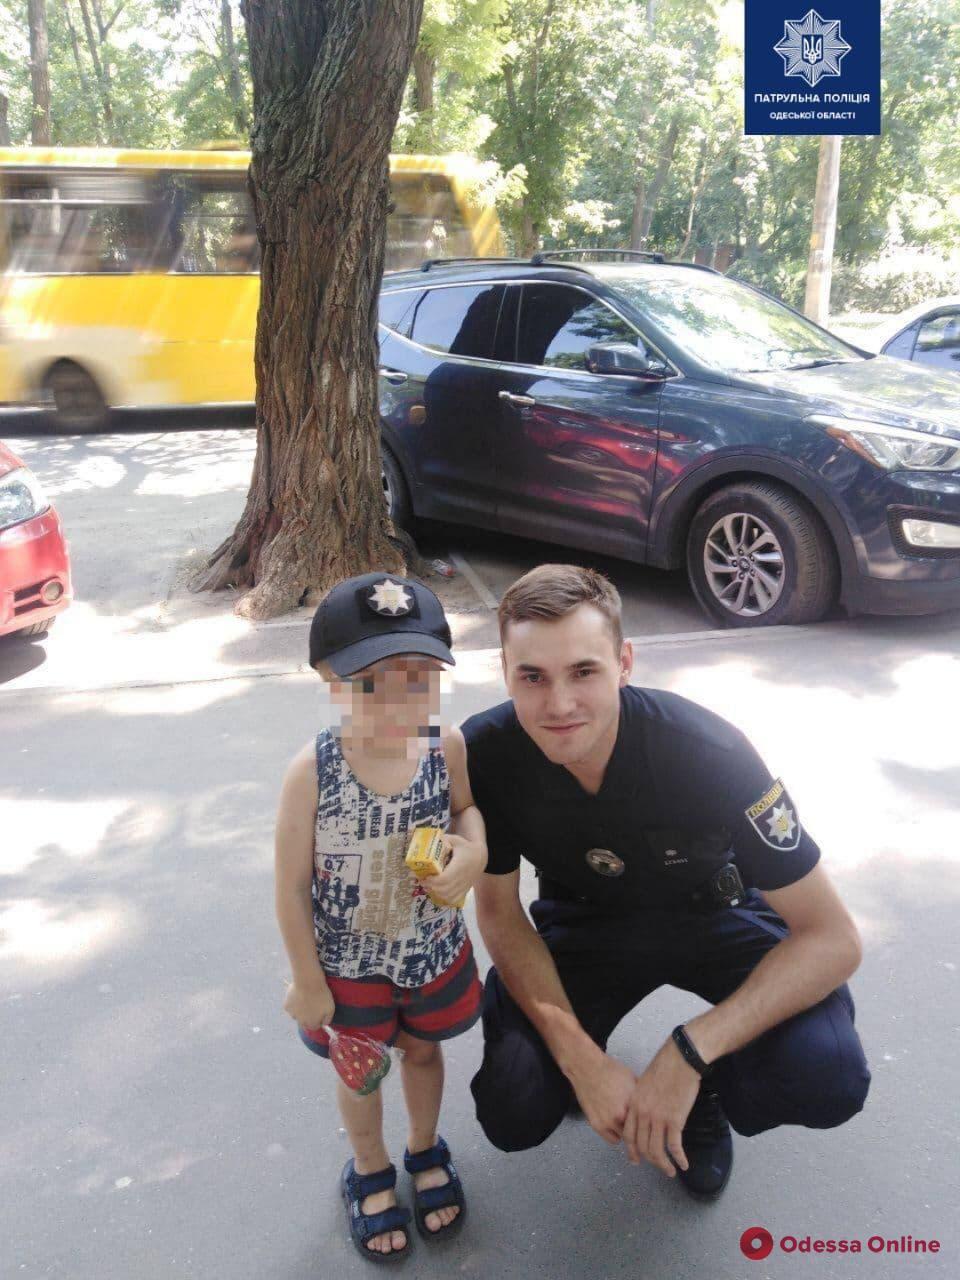 Отправился в парк, пока отец был в магазине: одесские патрульные вернули домой 4-летнего сына